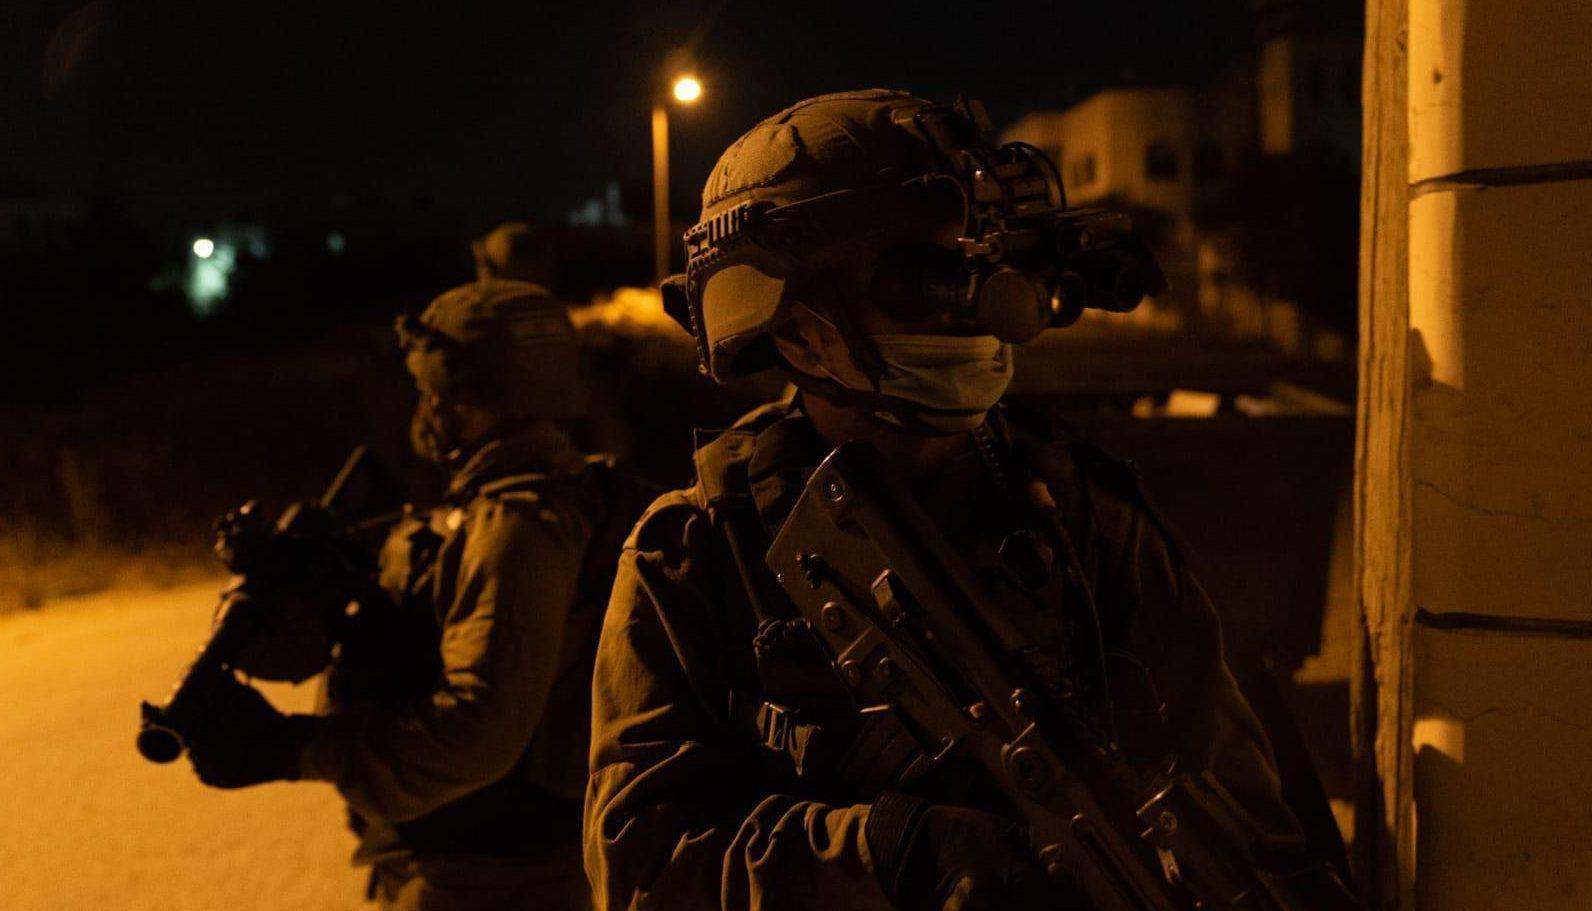 המצוד נמשך: כוחותינו ממשיכים במרדף אחר המחבלים מפיגוע האבנים בבנימין